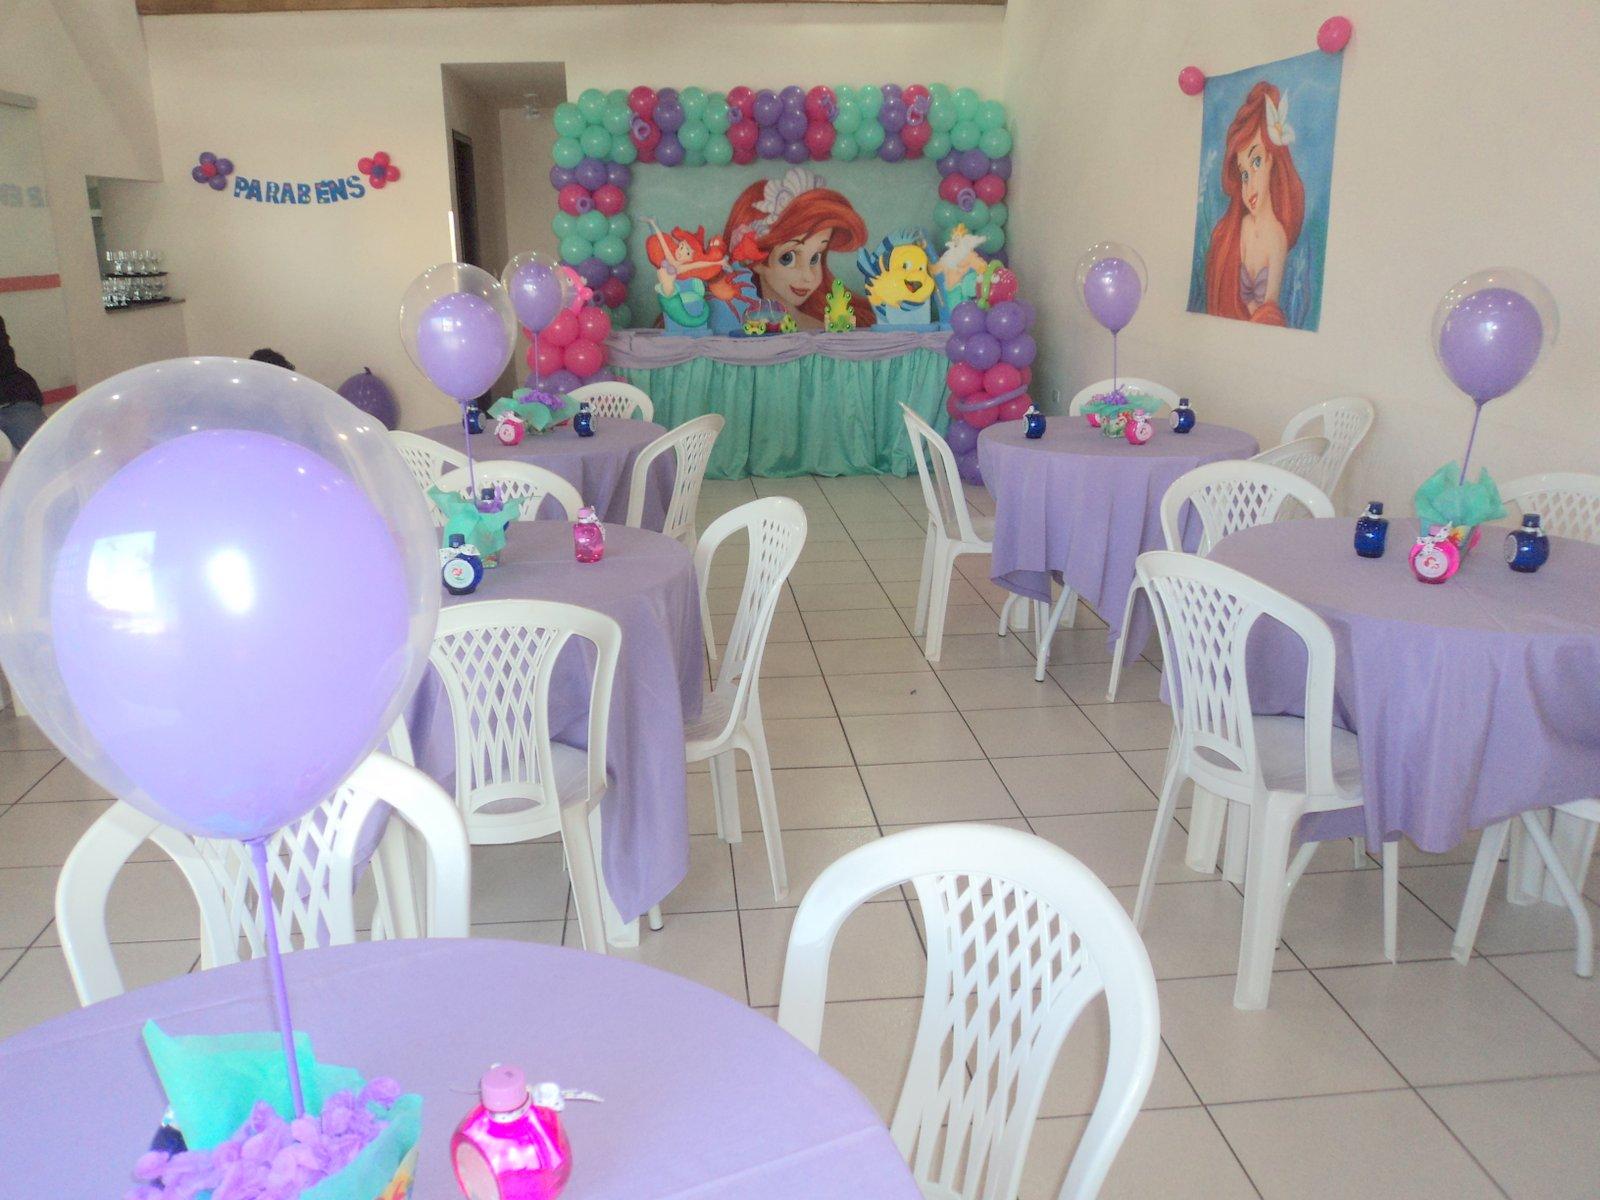 Brinque e arte decoraç u00e3o com balões DECORA u00c7ÃO TEMA ARIEL PEQUENA SEREIA -> Enfeites De Mesa Tema Sereia